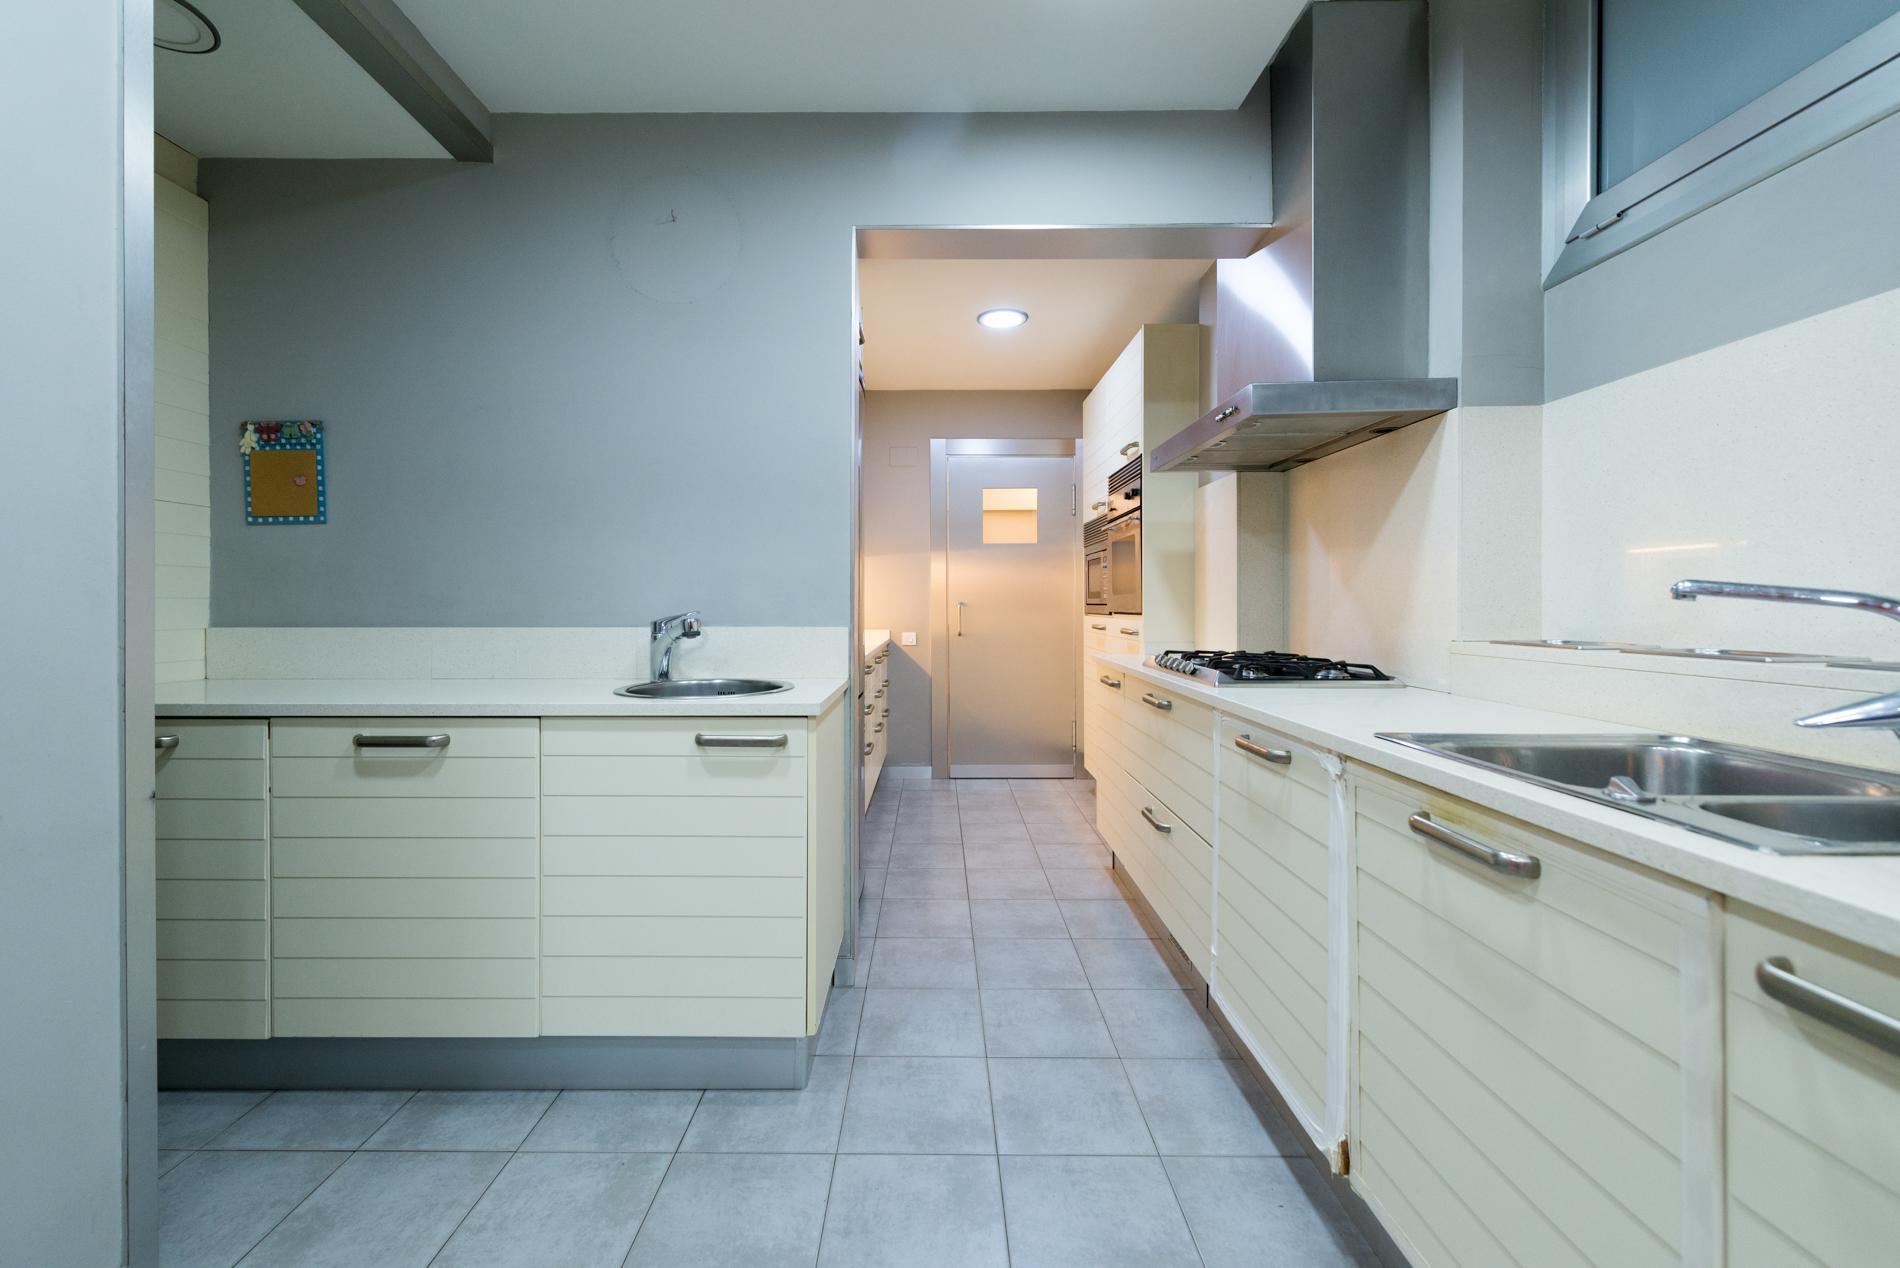 247761 Ground Floor for sale in Sarrià-Sant Gervasi, St. Gervasi-Bonanova 32